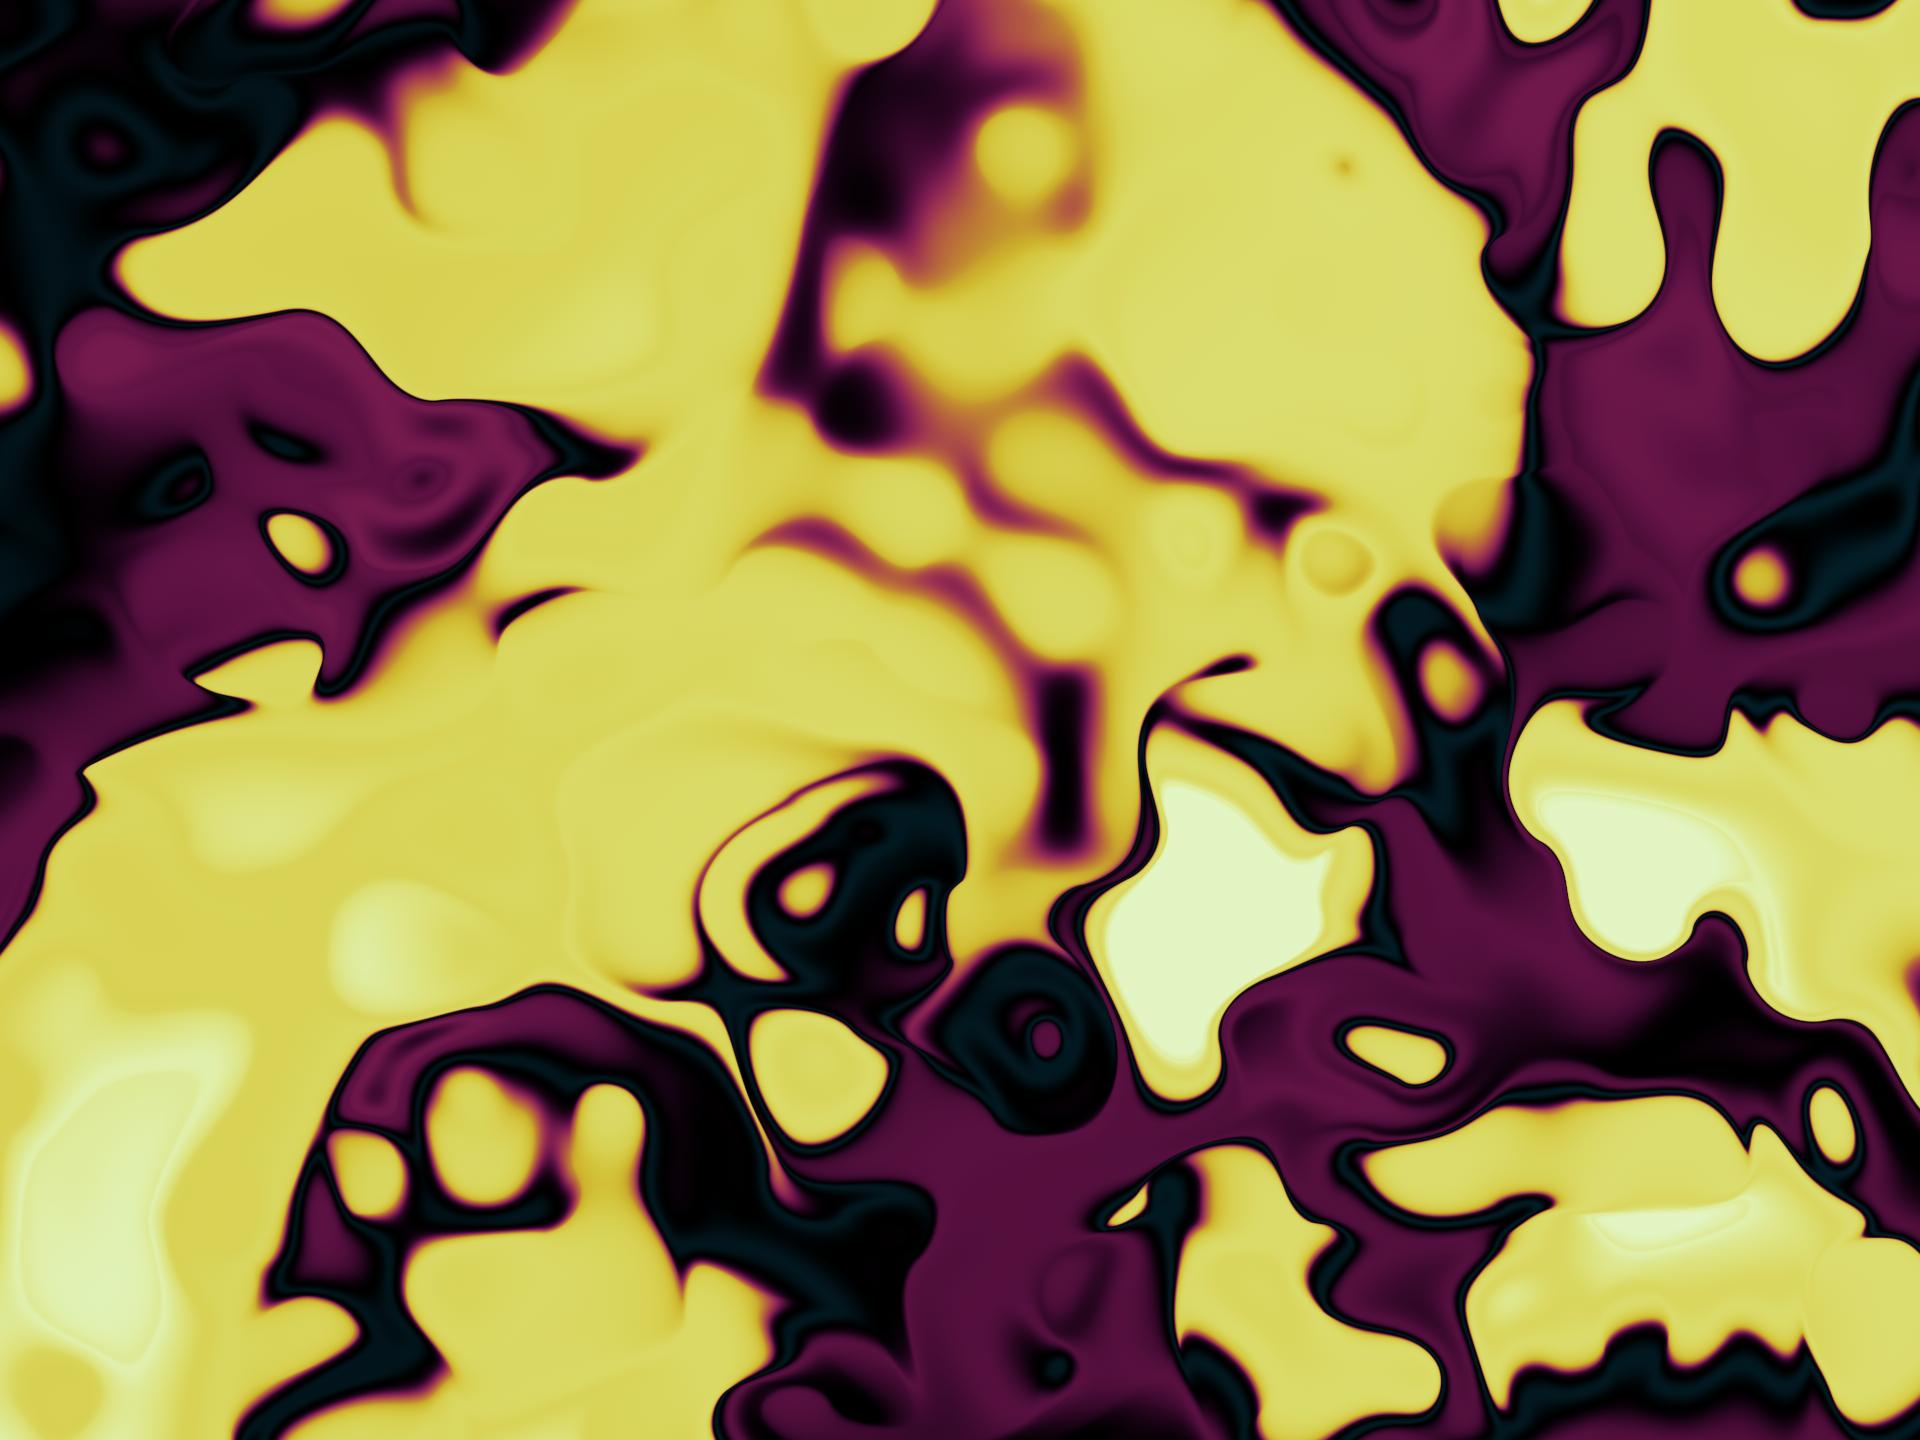 ・ドロップインクを混ぜたマーブリングの壁紙:イエロー